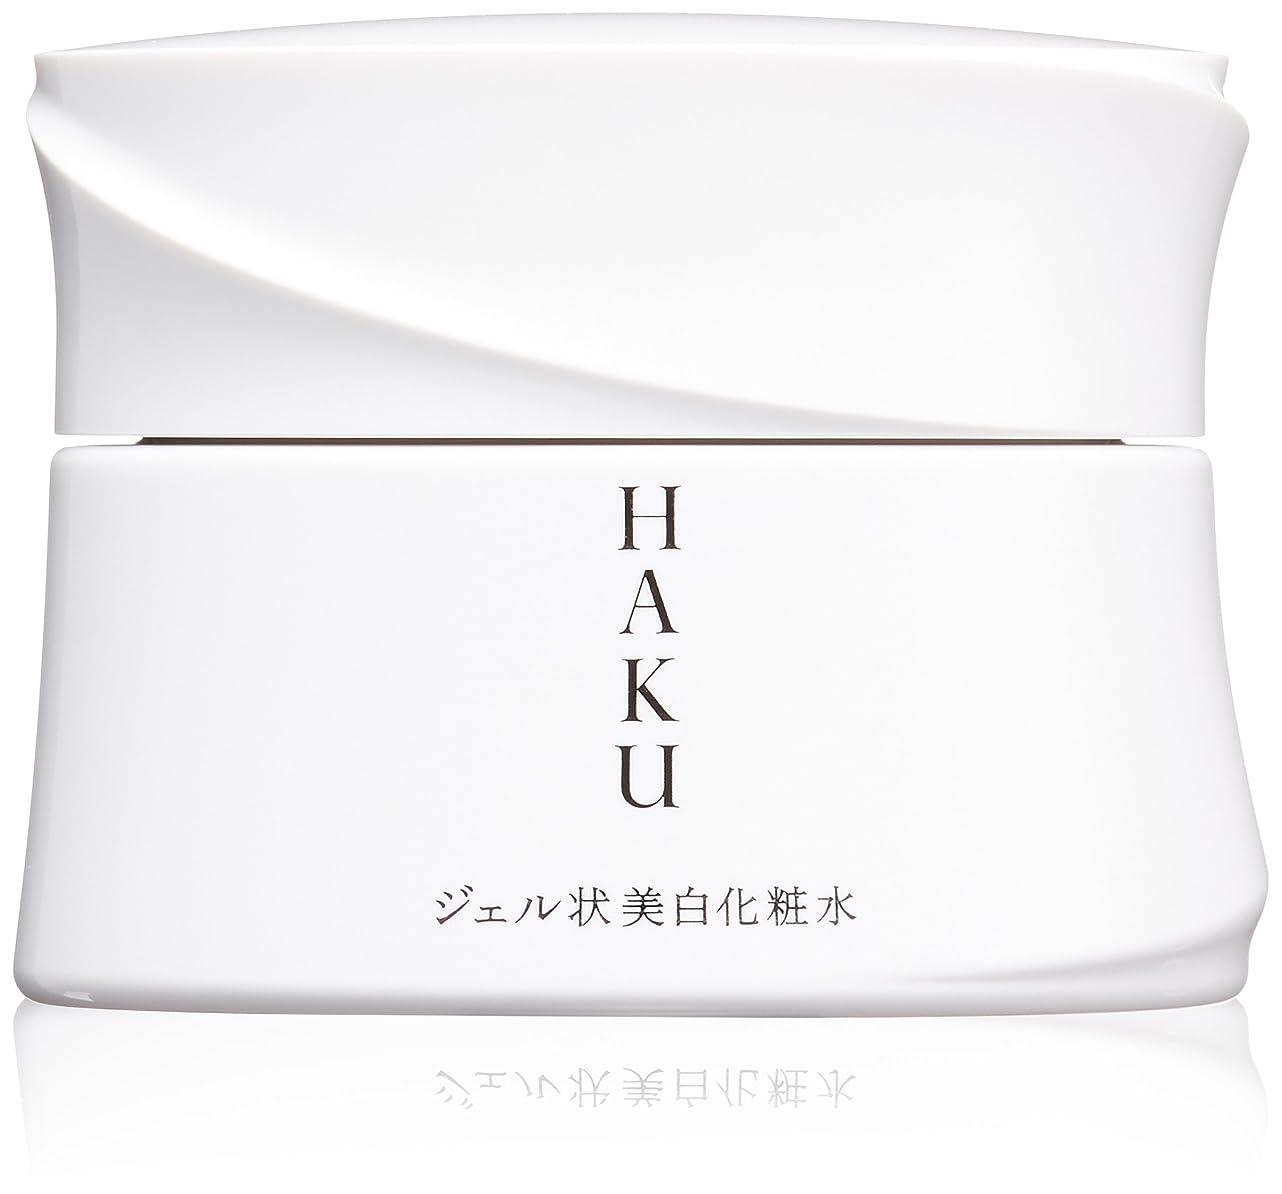 定刻ゲージ敬HAKU メラノディープモイスチャー 美白化粧水 100g 【医薬部外品】